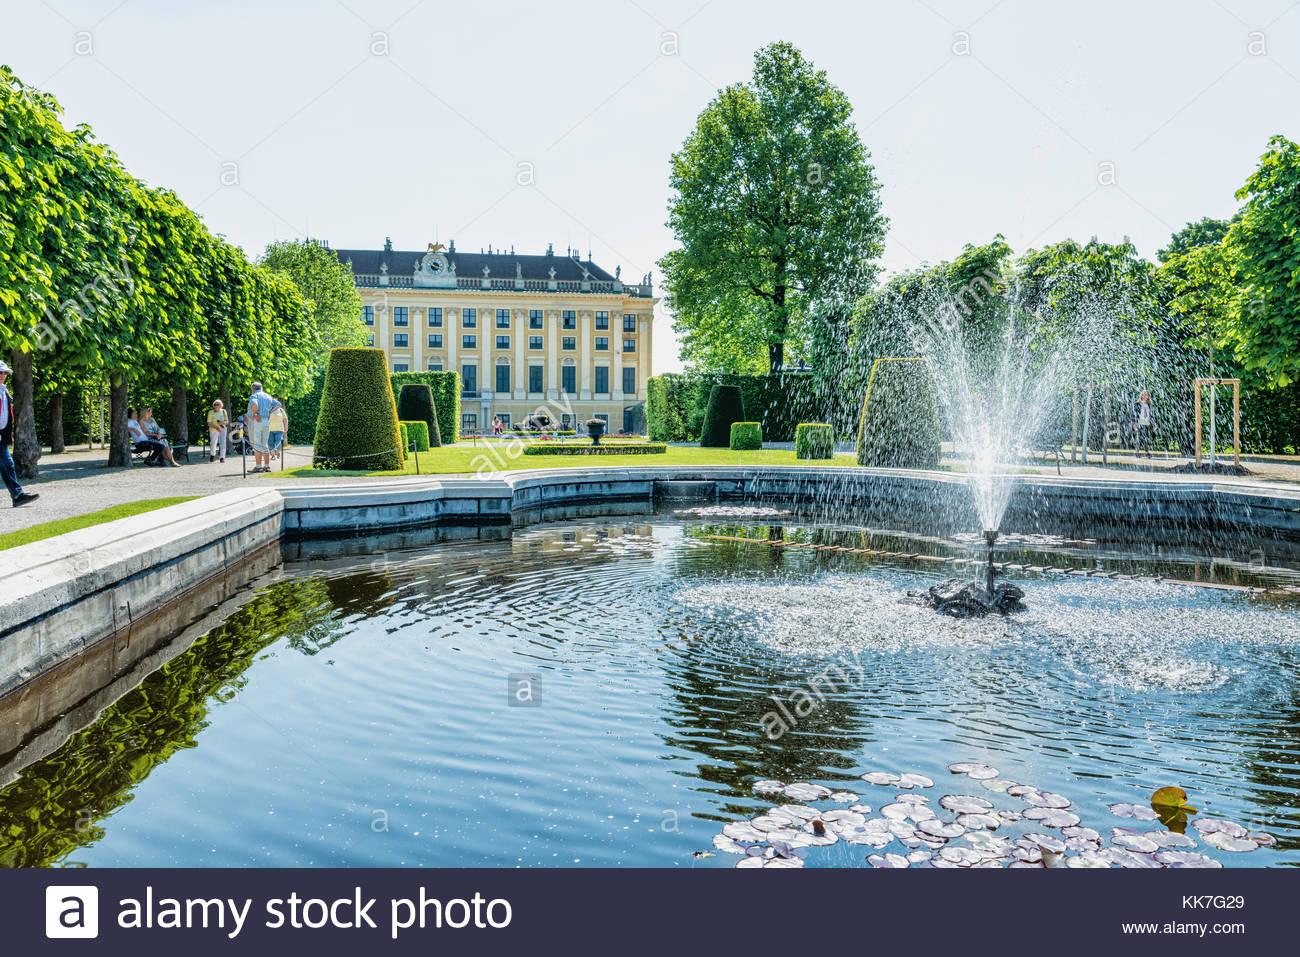 Wien Touristen an einem schönen Brunnen im Garten des Schloss Schönbrunn im hellen Tageslicht Stockbild